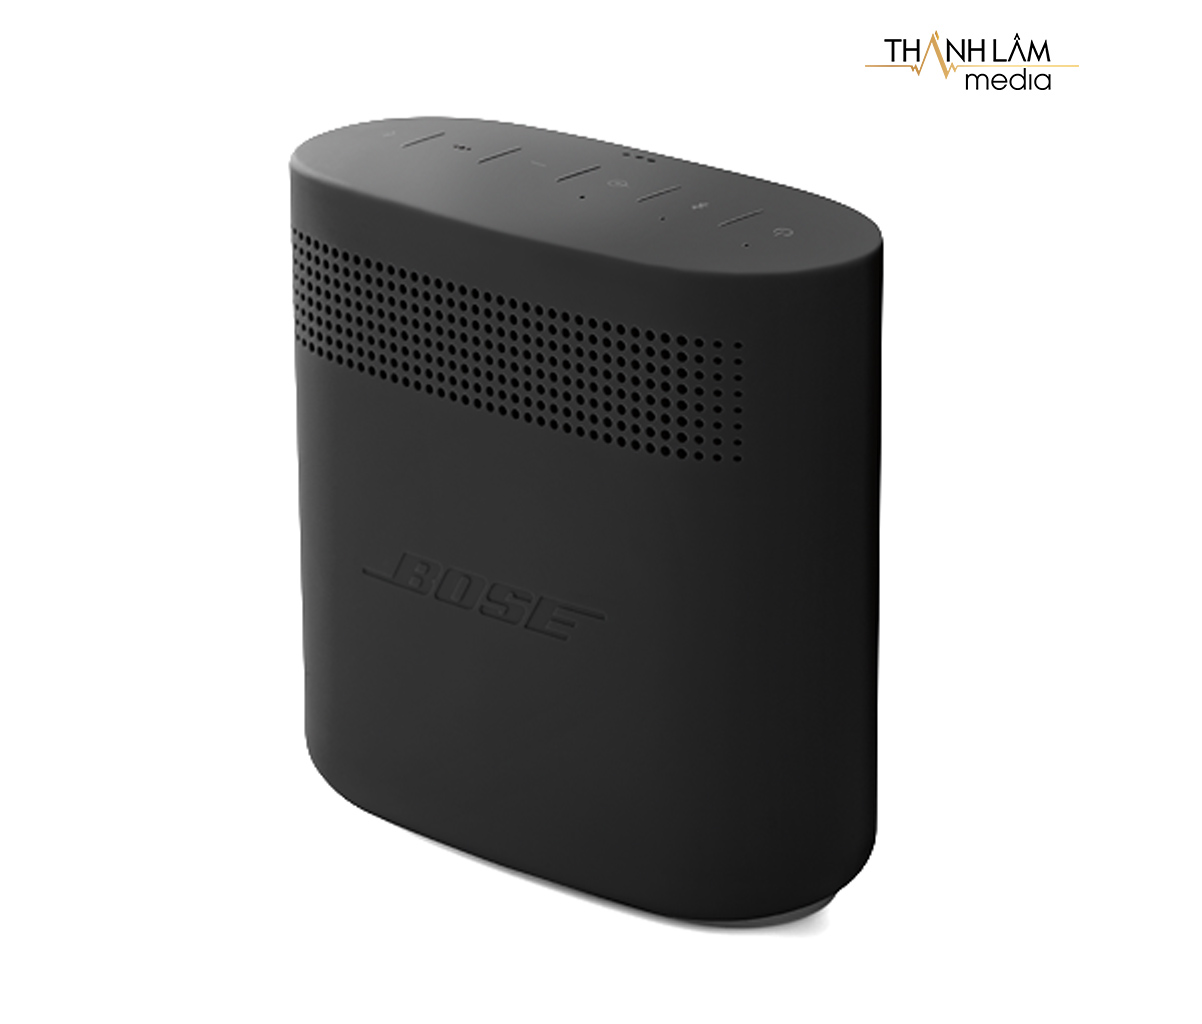 Loa-Bose-SoundLink-Color-2-Den-1